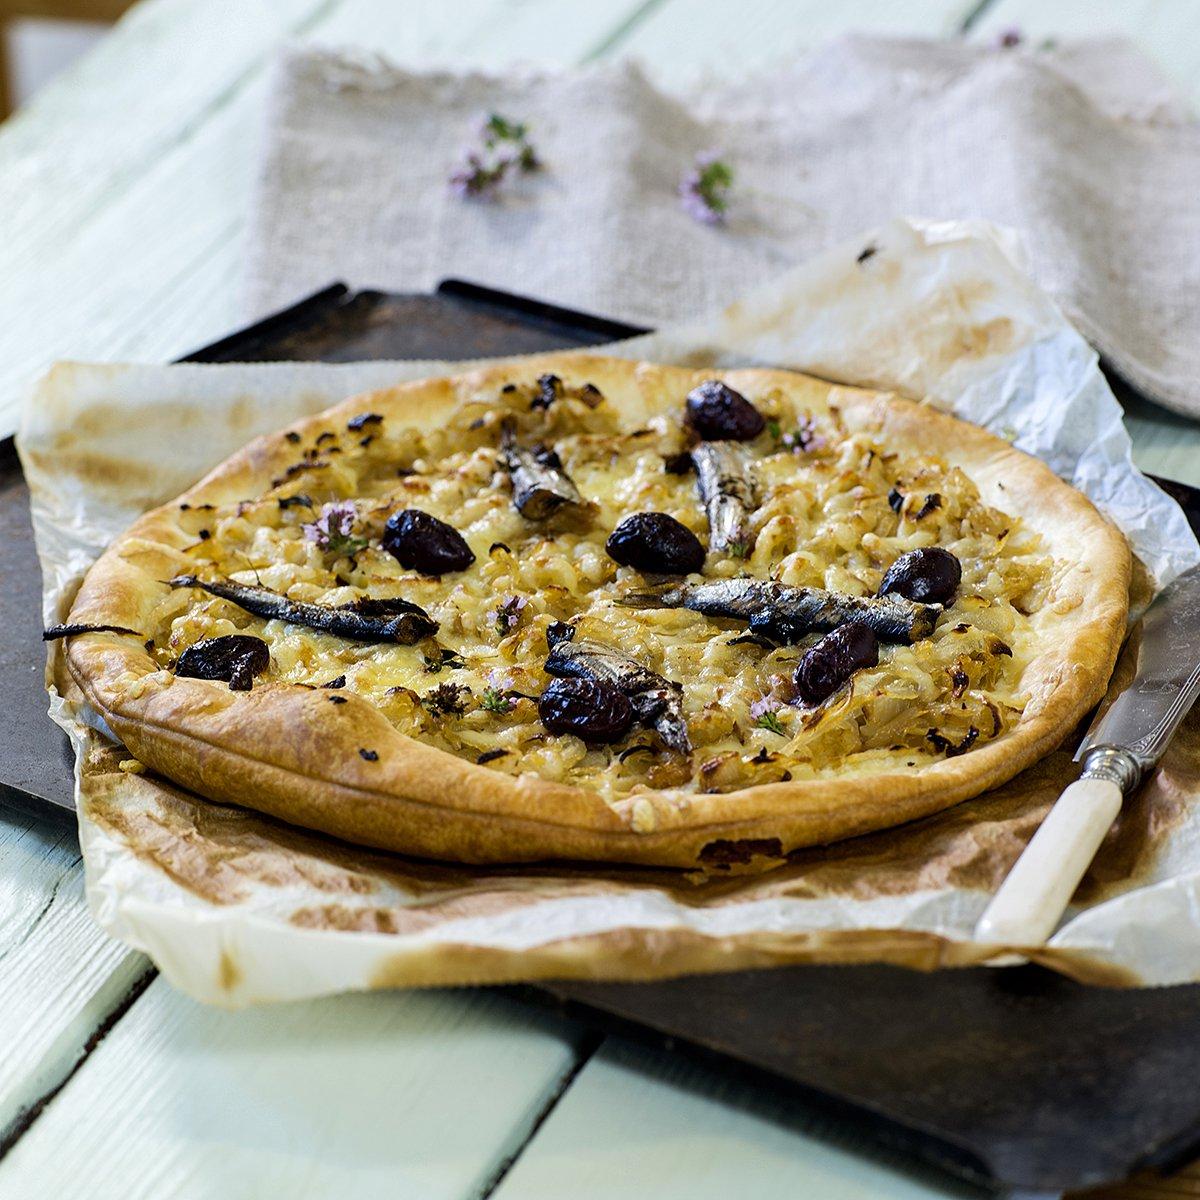 Pissaladiere - deilig løk- og olivenbrød fra Nice